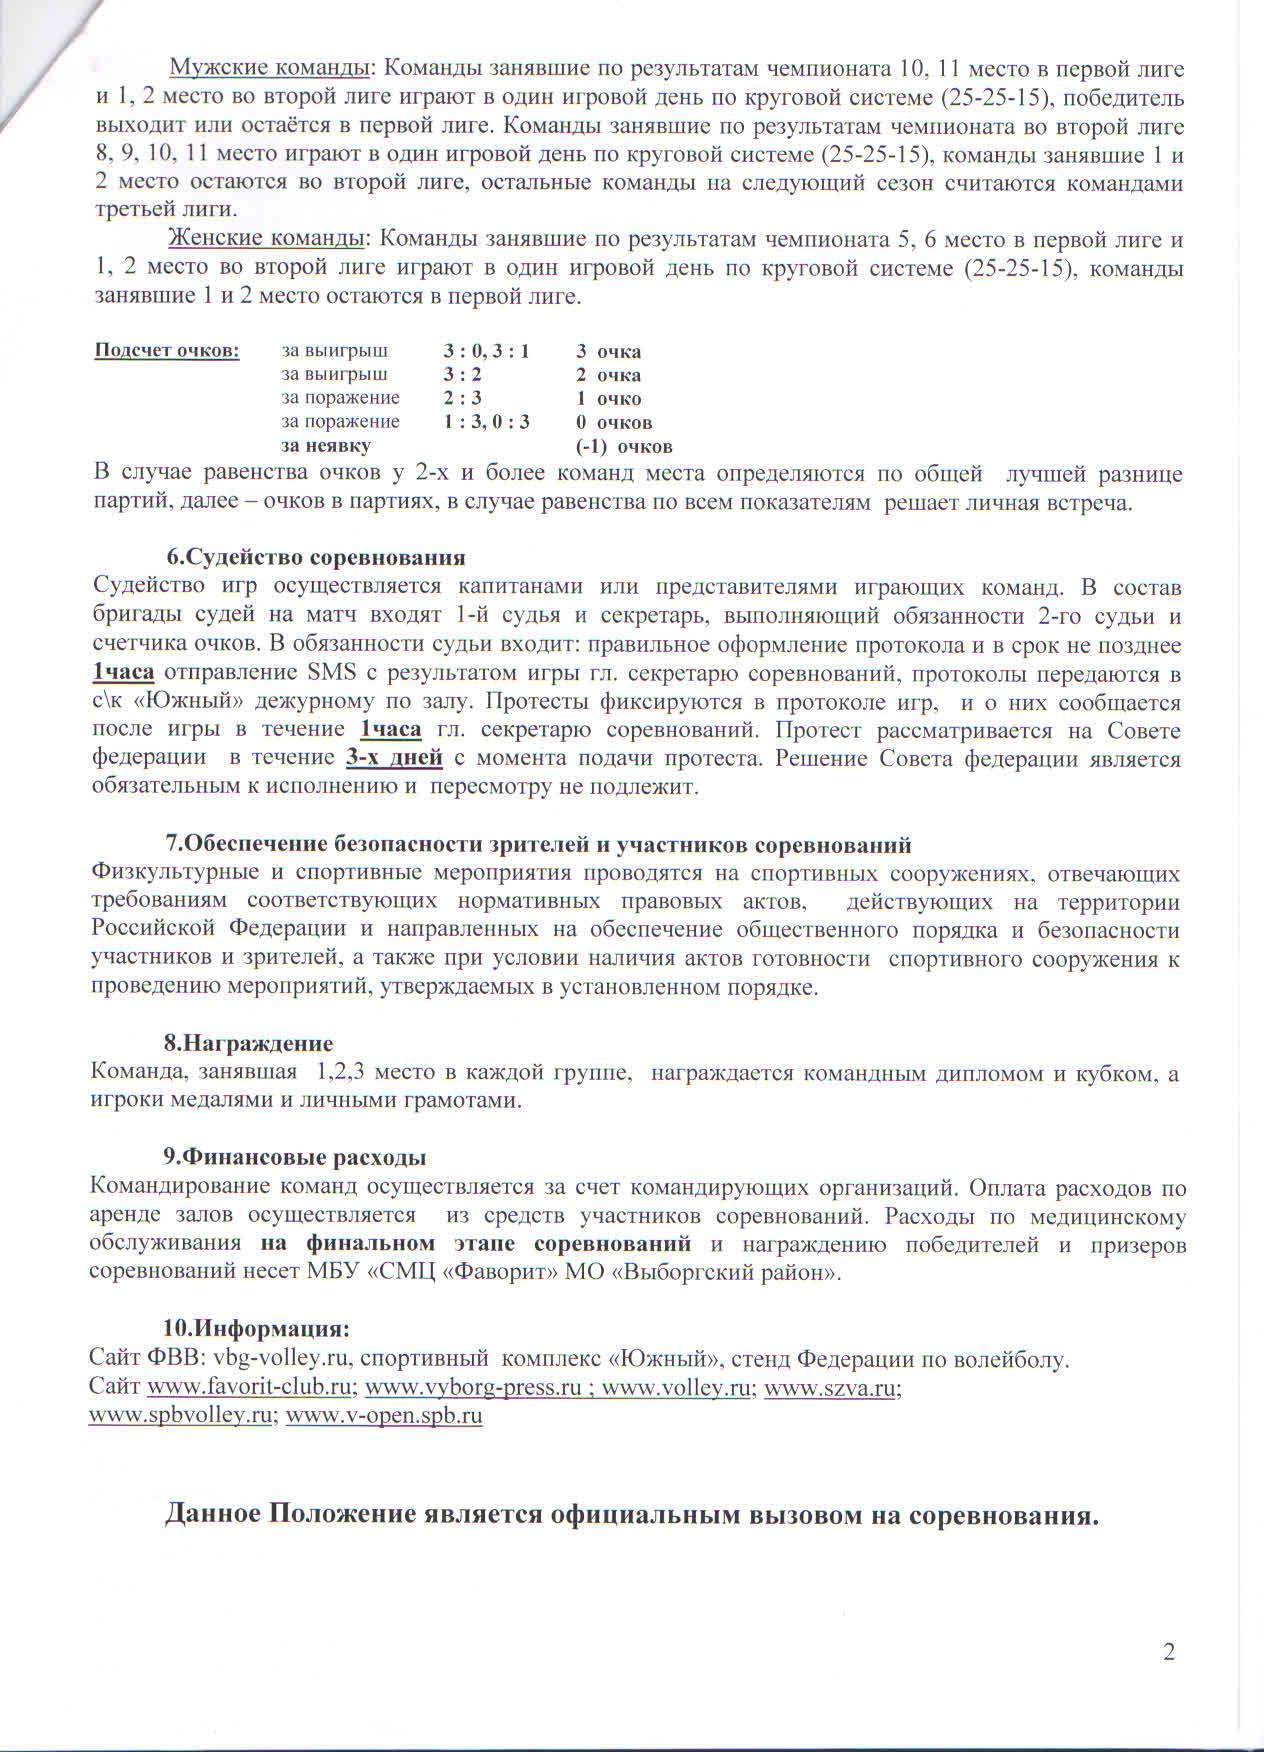 Положение по чемпионату 2014-15г 11